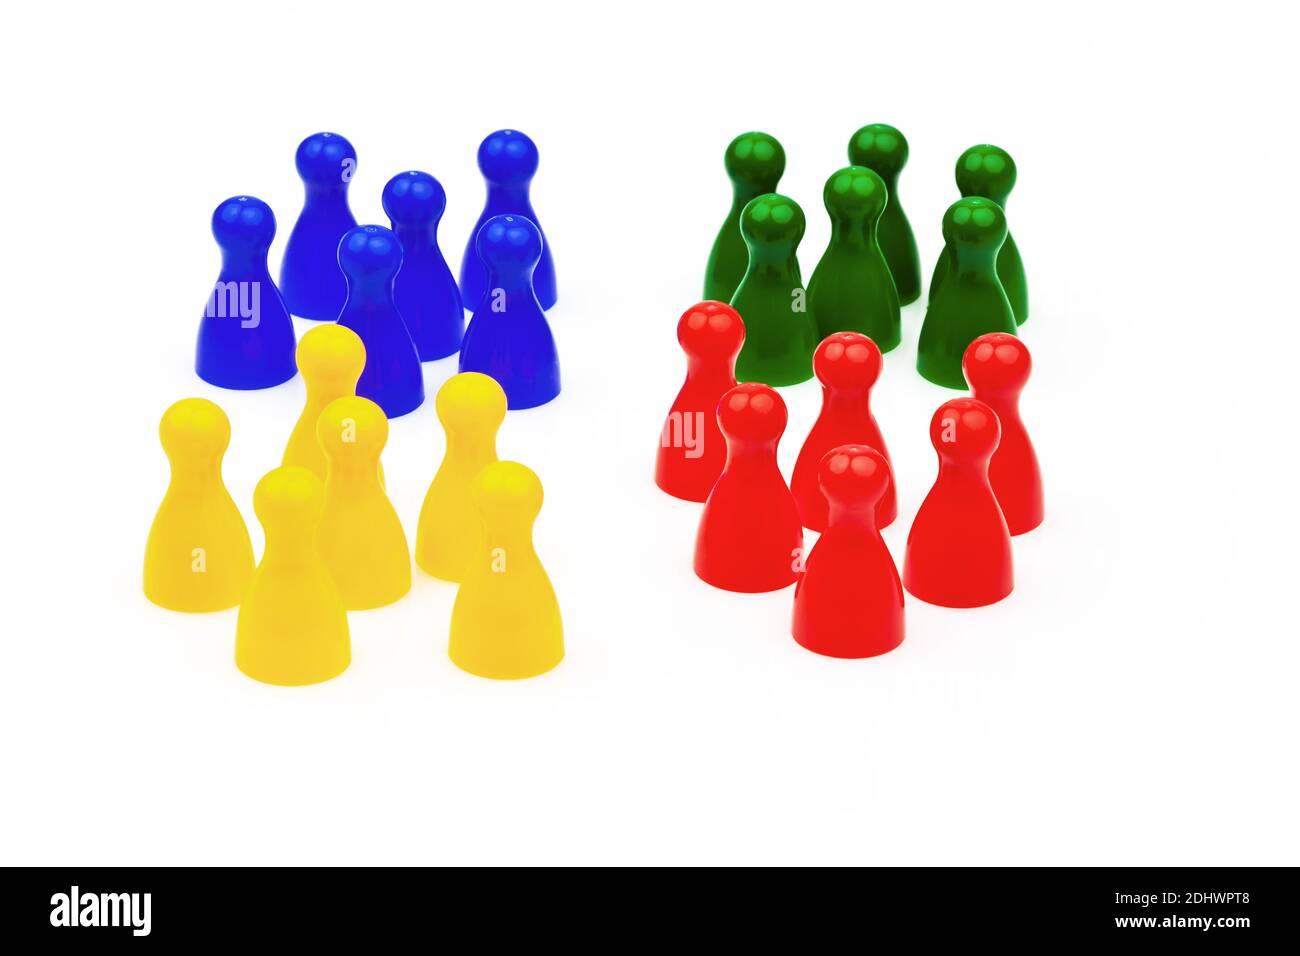 Integration durch Miteinander in der Gesellschaft. Gleichberechtigung und Harmonie im Team. Bunte Spielsteine, Stock Photo